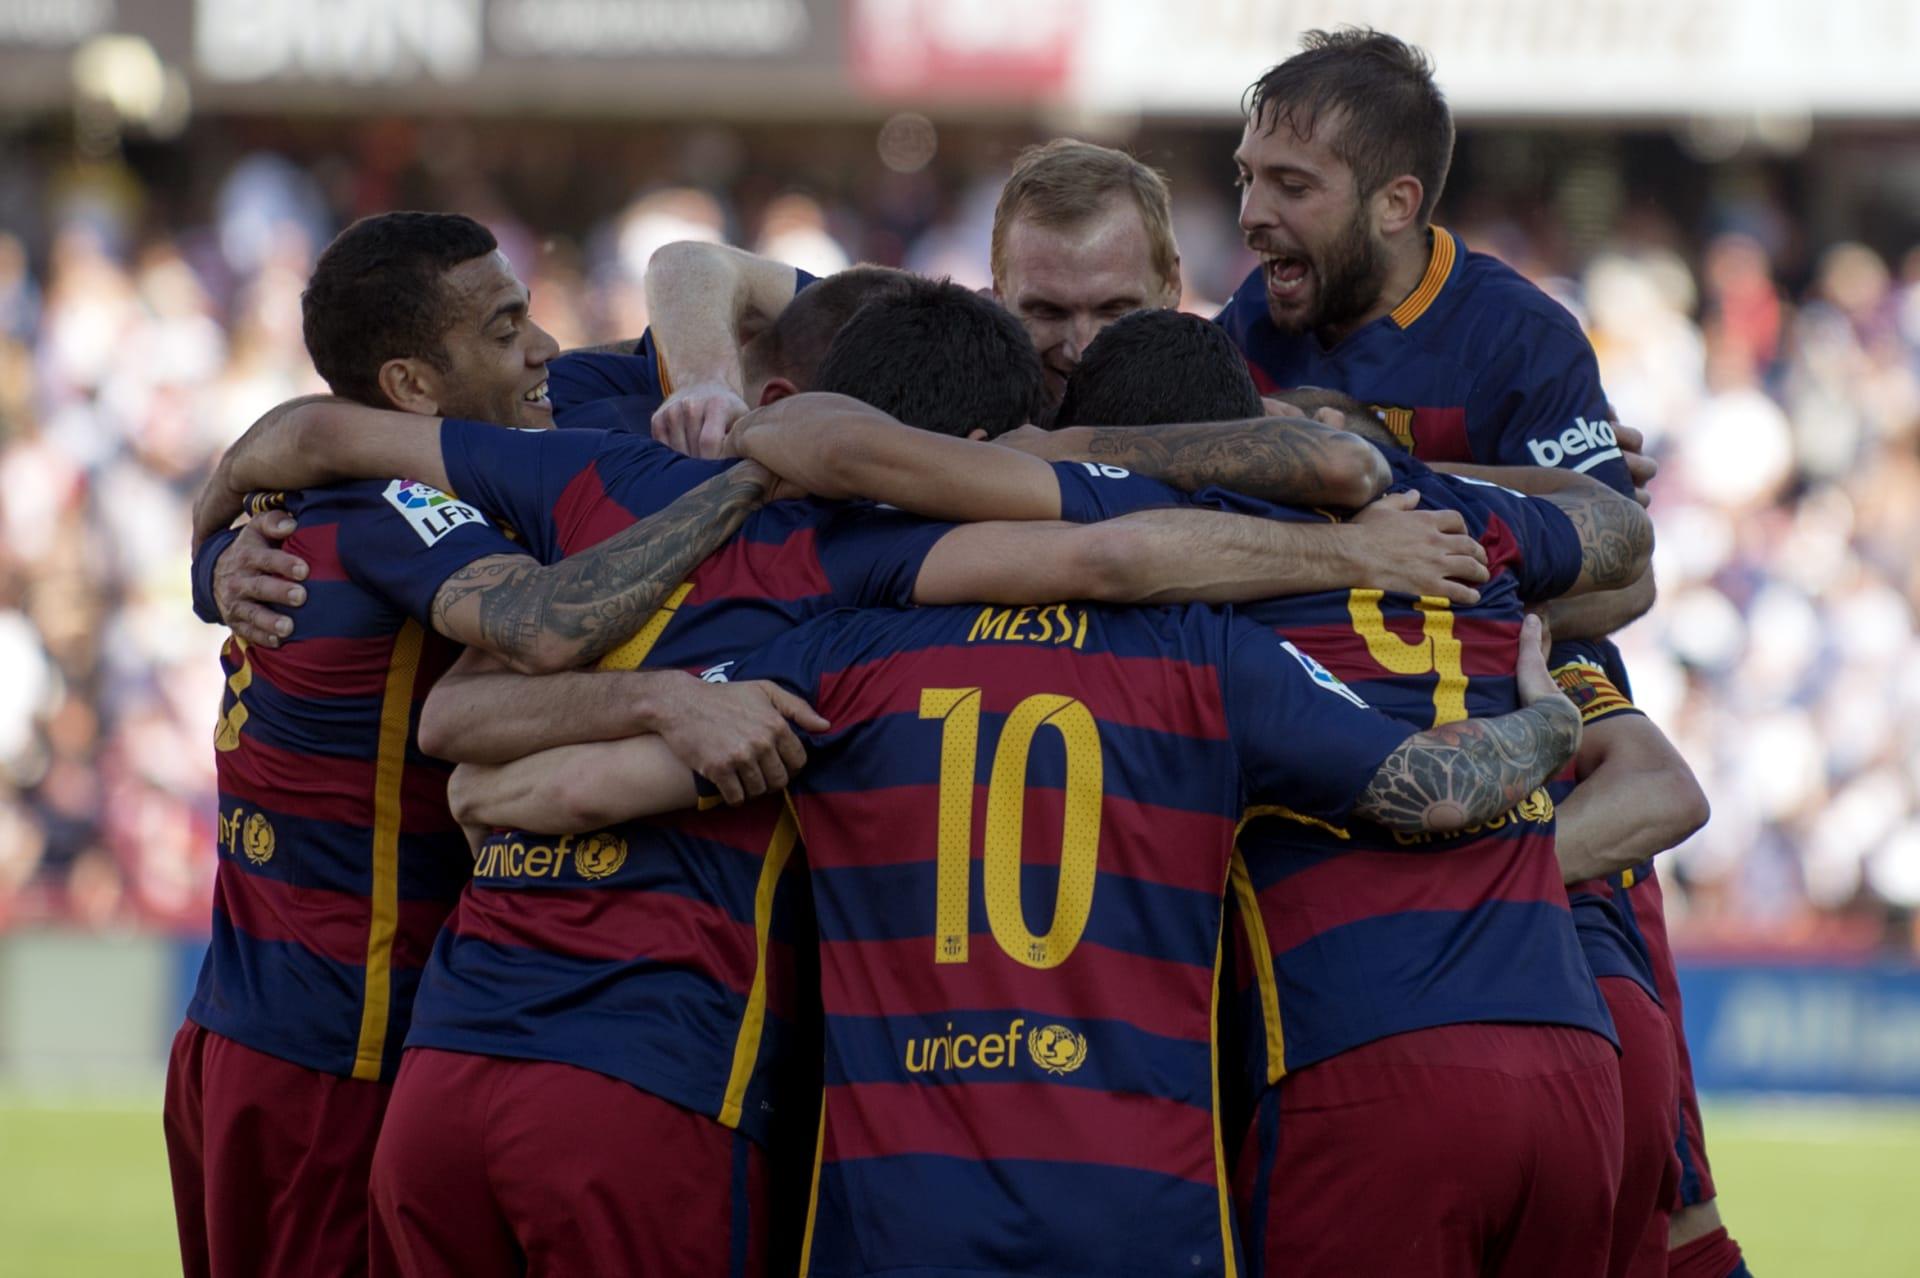 برشلونة بطلا لليغا للمرة الثانية على التوالي